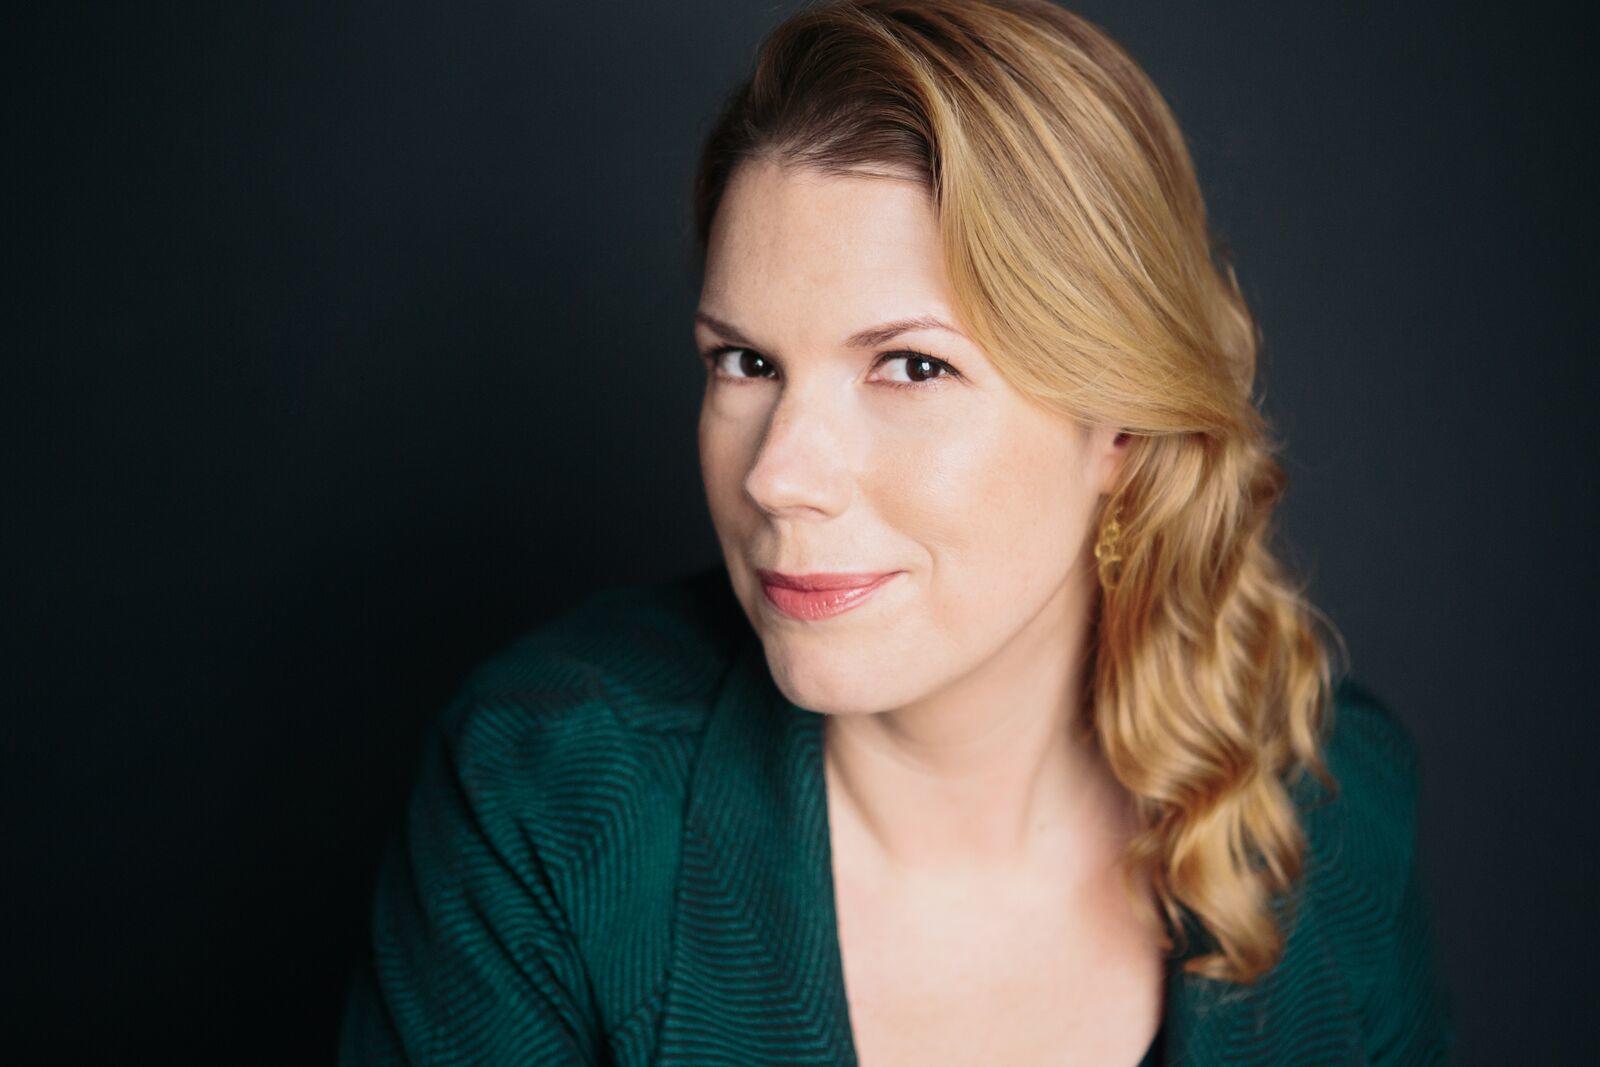 Jessica Meyer, photo by Tatiana Daubeck